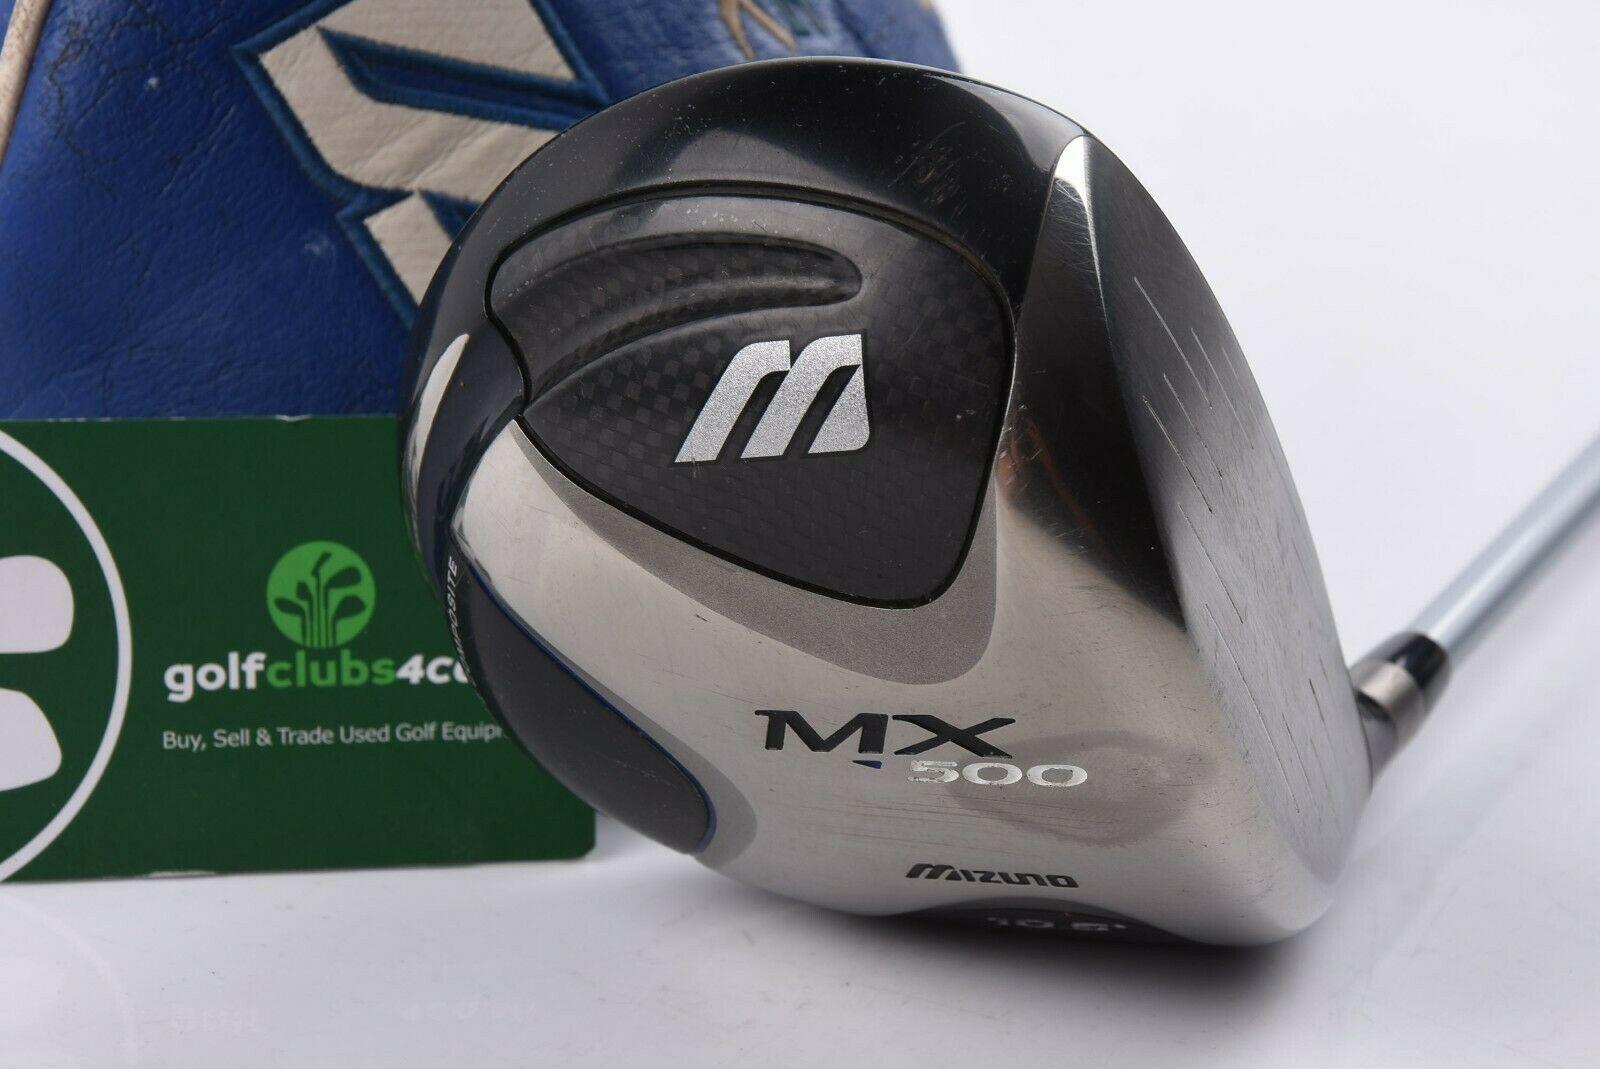 mizuno mx500 driver